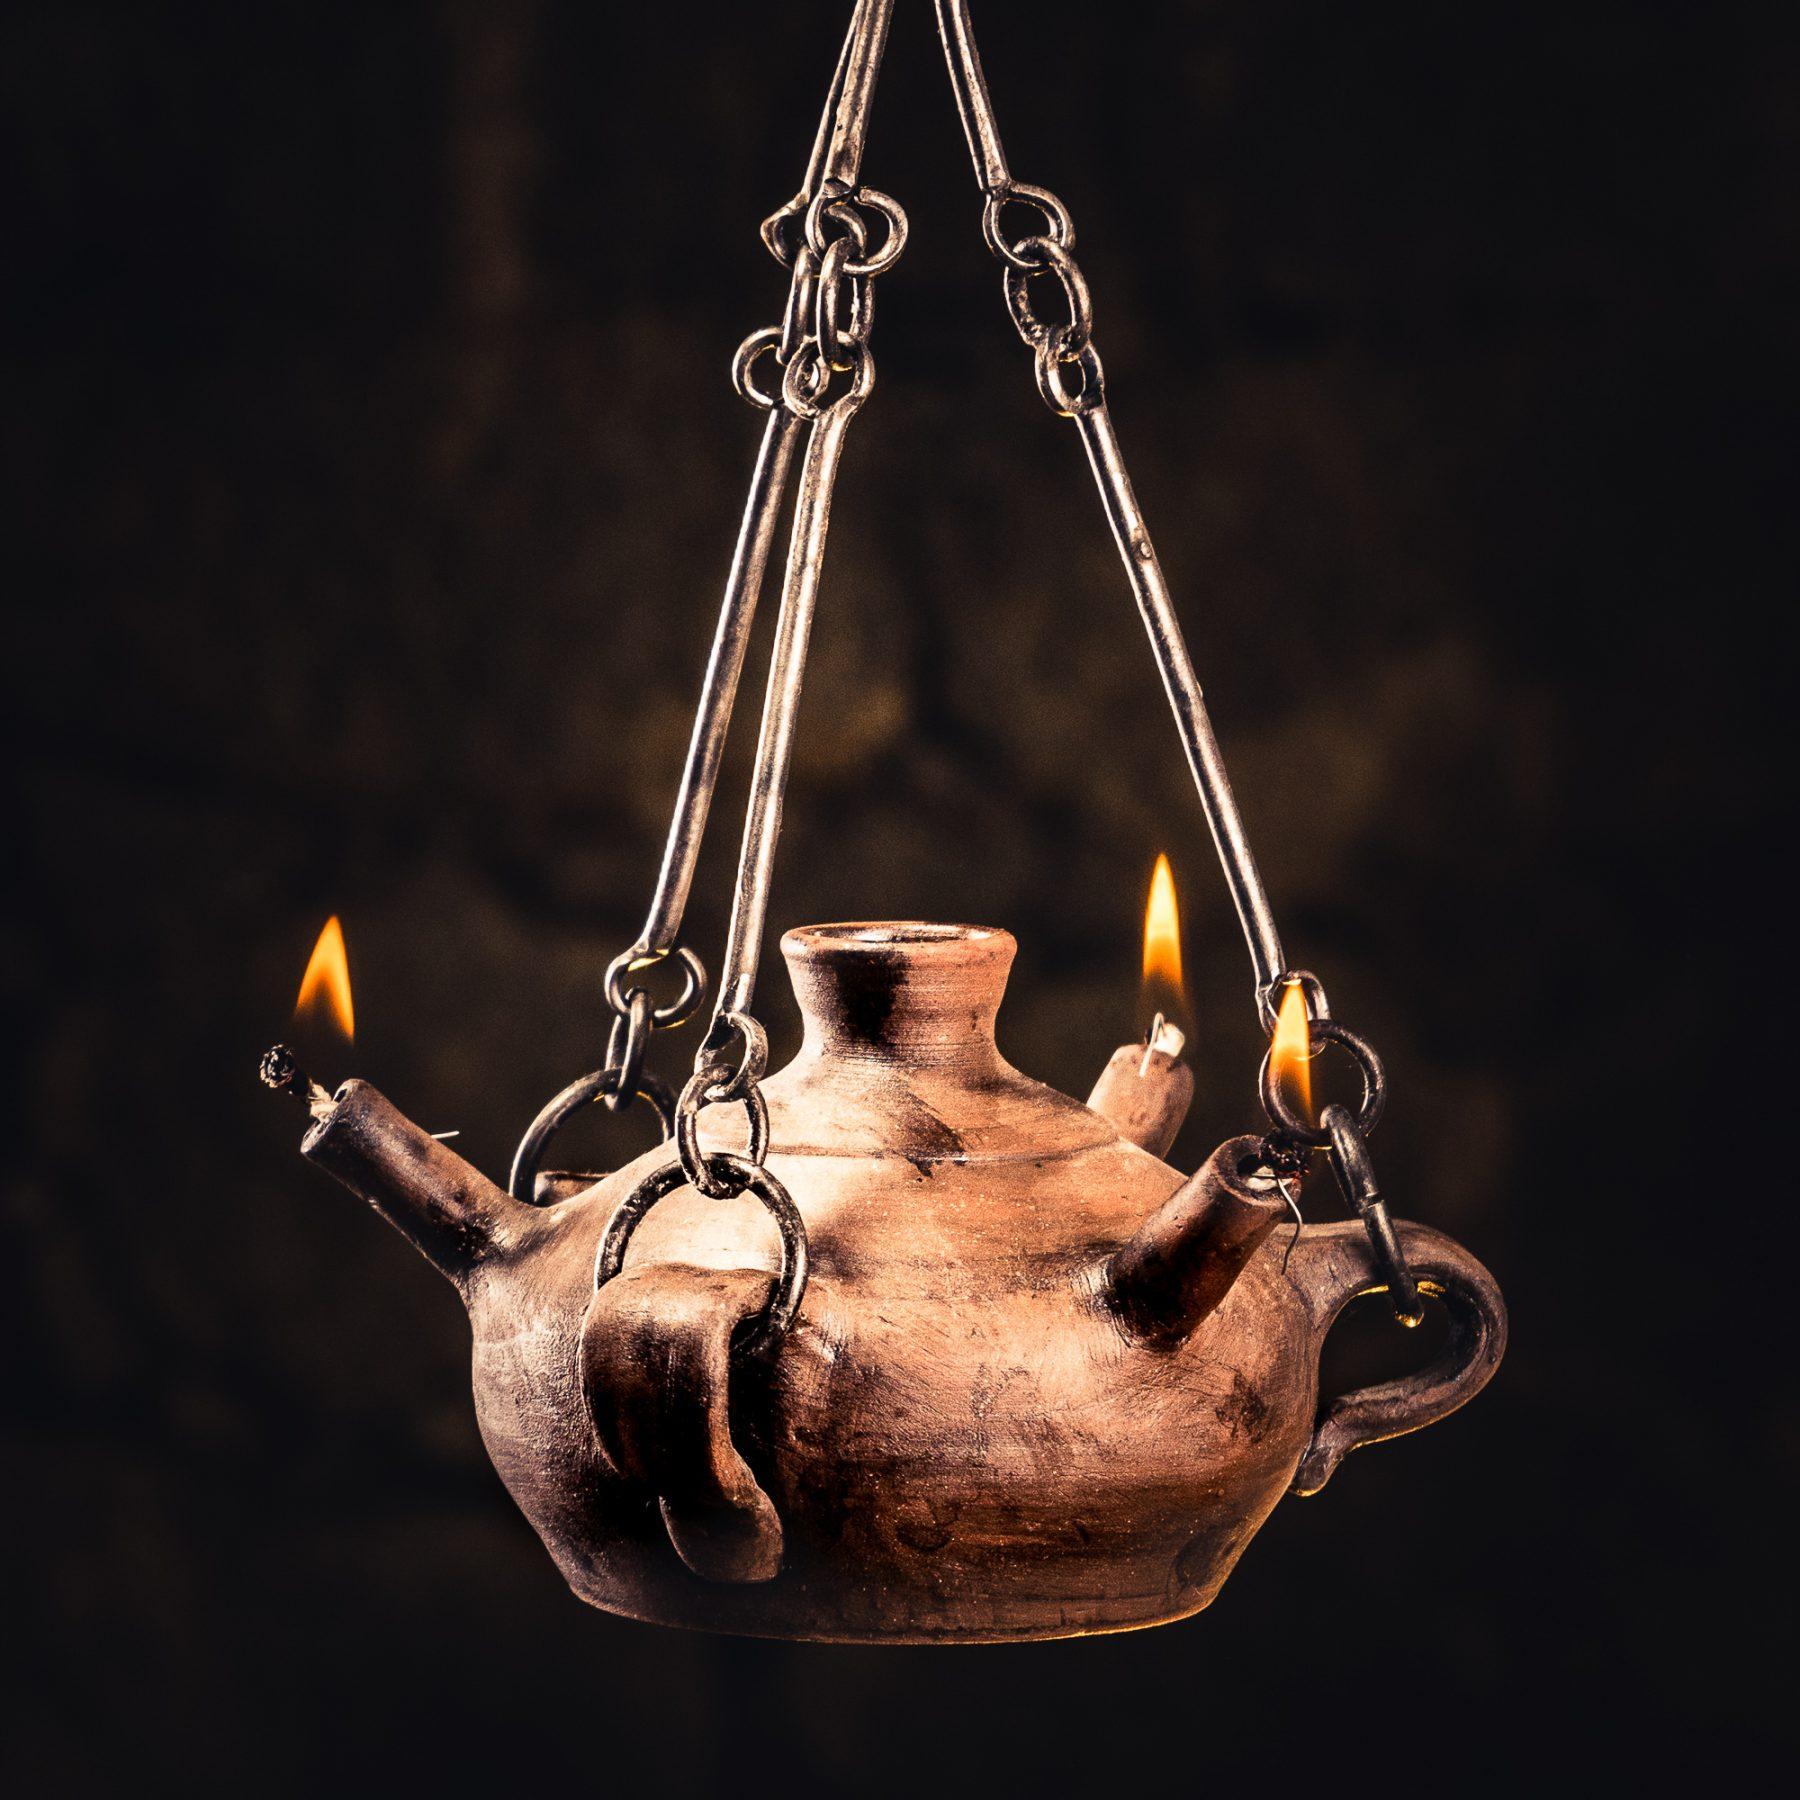 Triton Hanging Oil Lamp